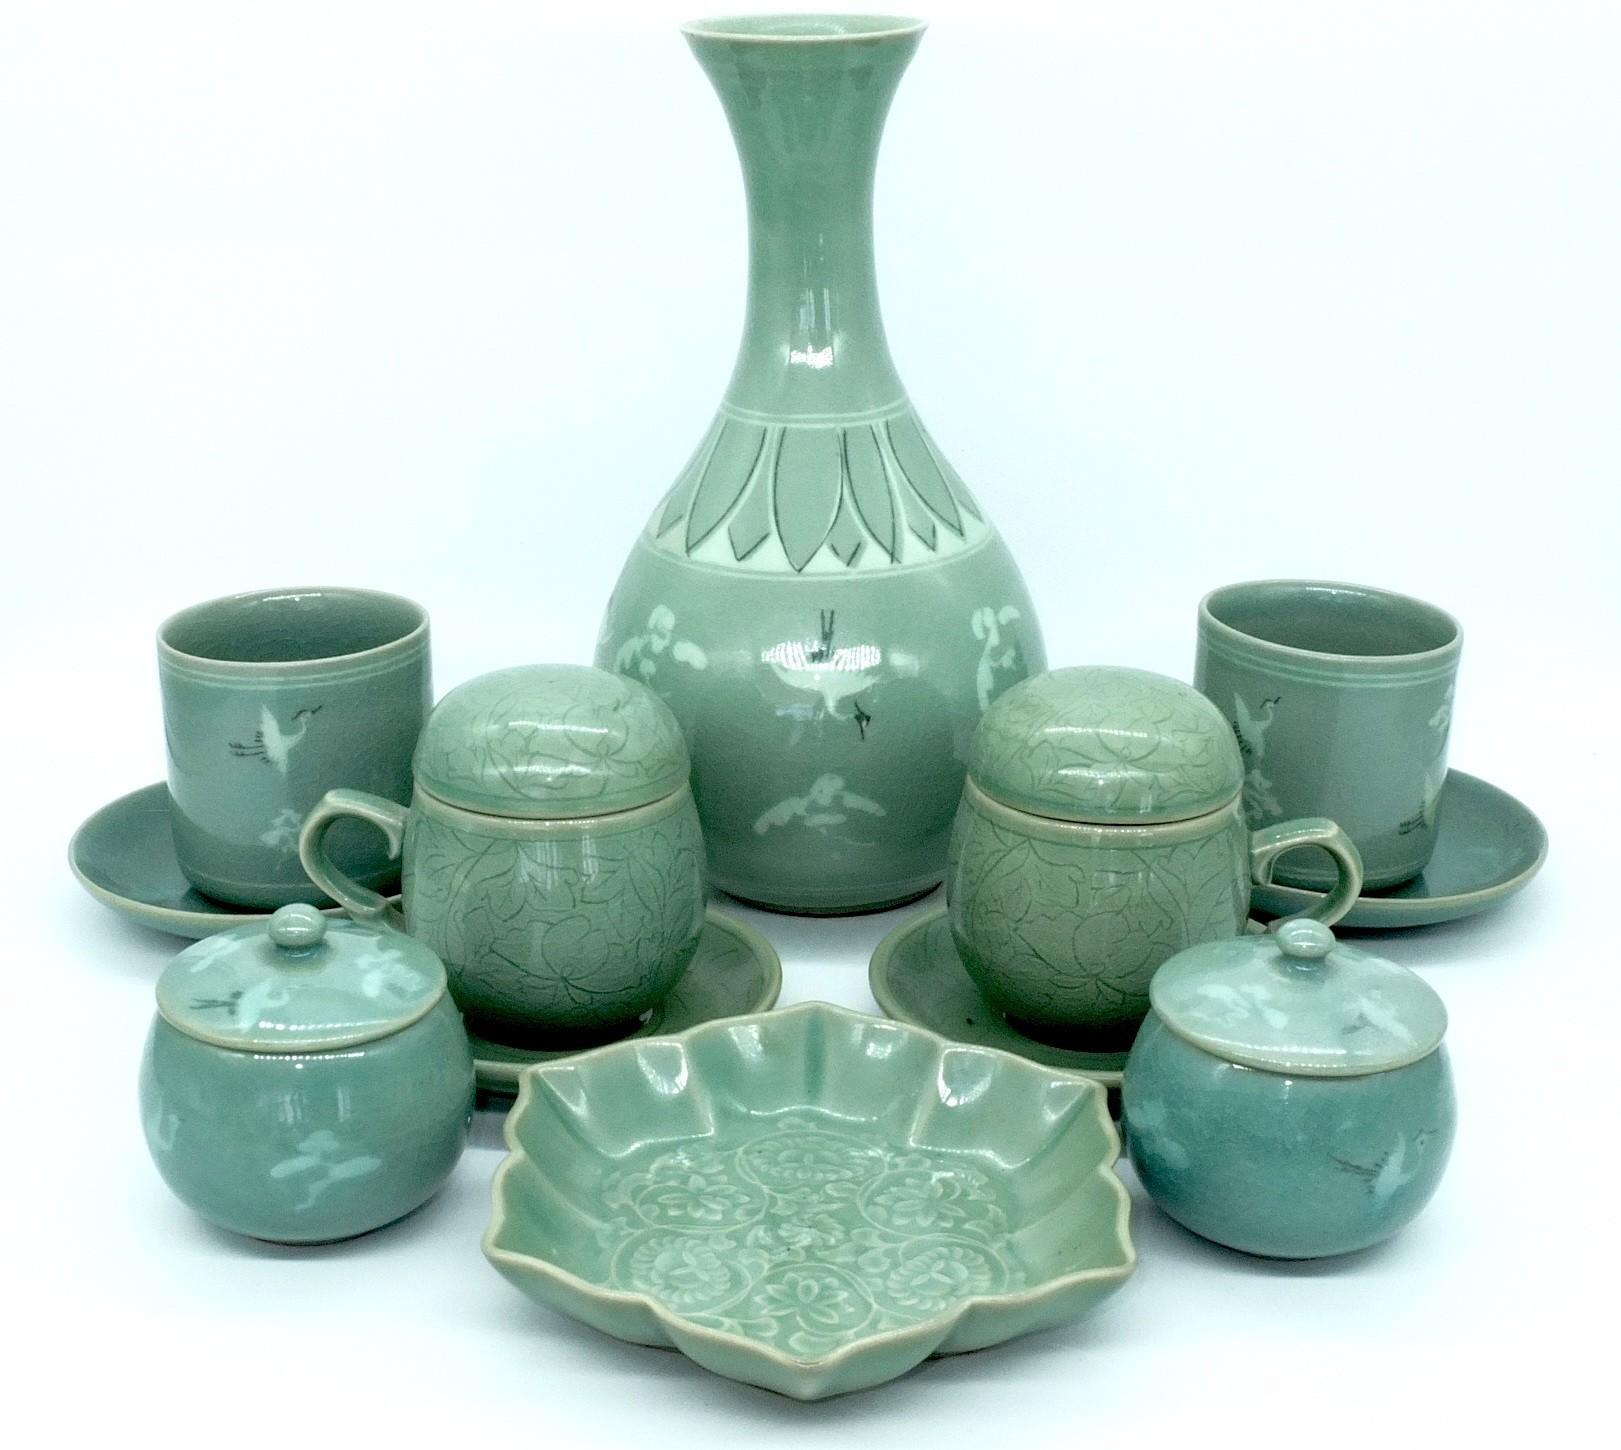 'Group of Vintage Korean Celadon Bowls and a Vase'